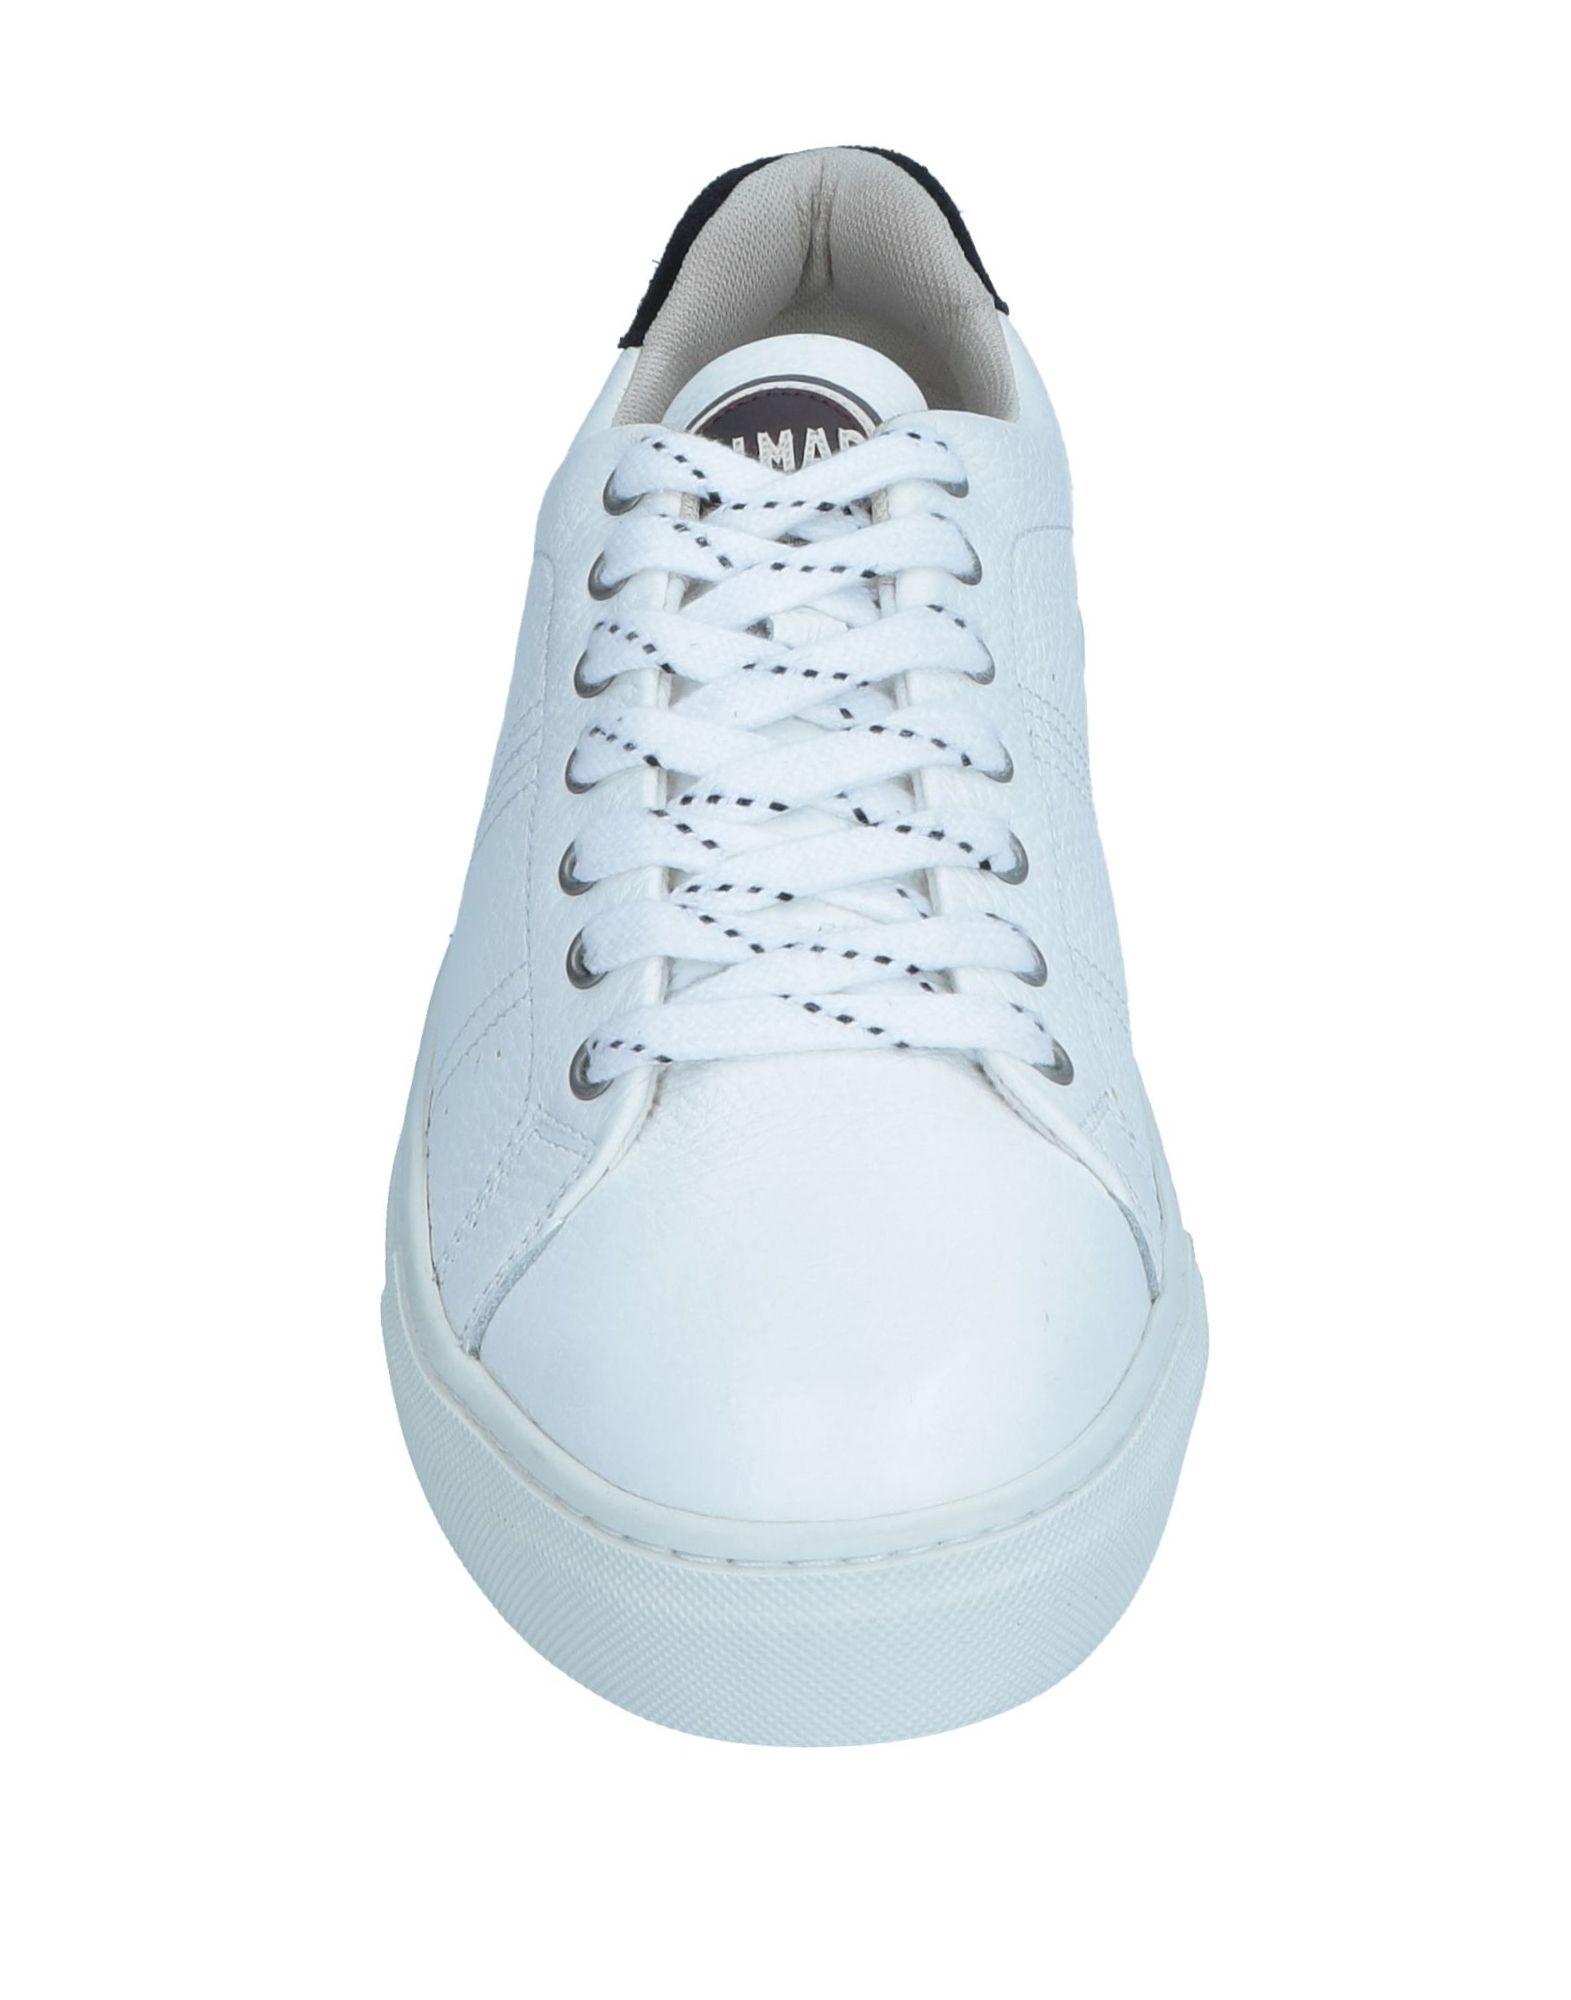 Rabatt echte Schuhe Herren Colmar Sneakers Herren Schuhe  11546582BU 68ef68